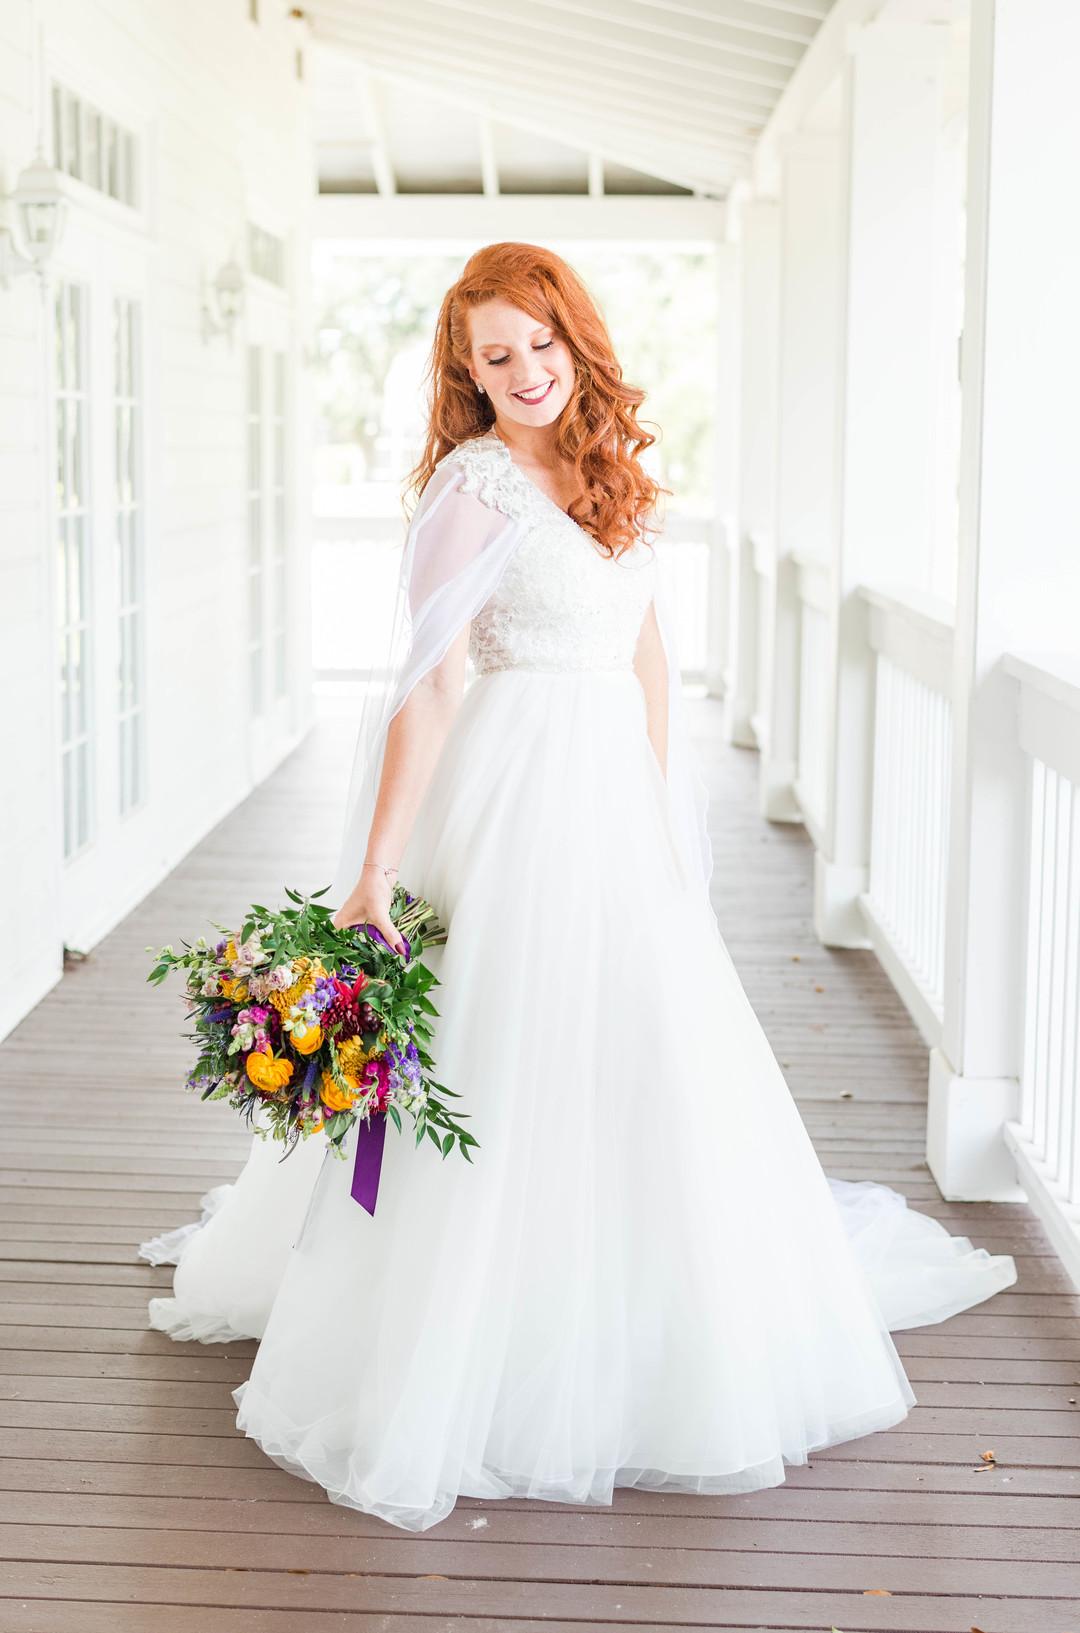 Whimsical Jewel Tone Wedding Inspiration The Celebration Society